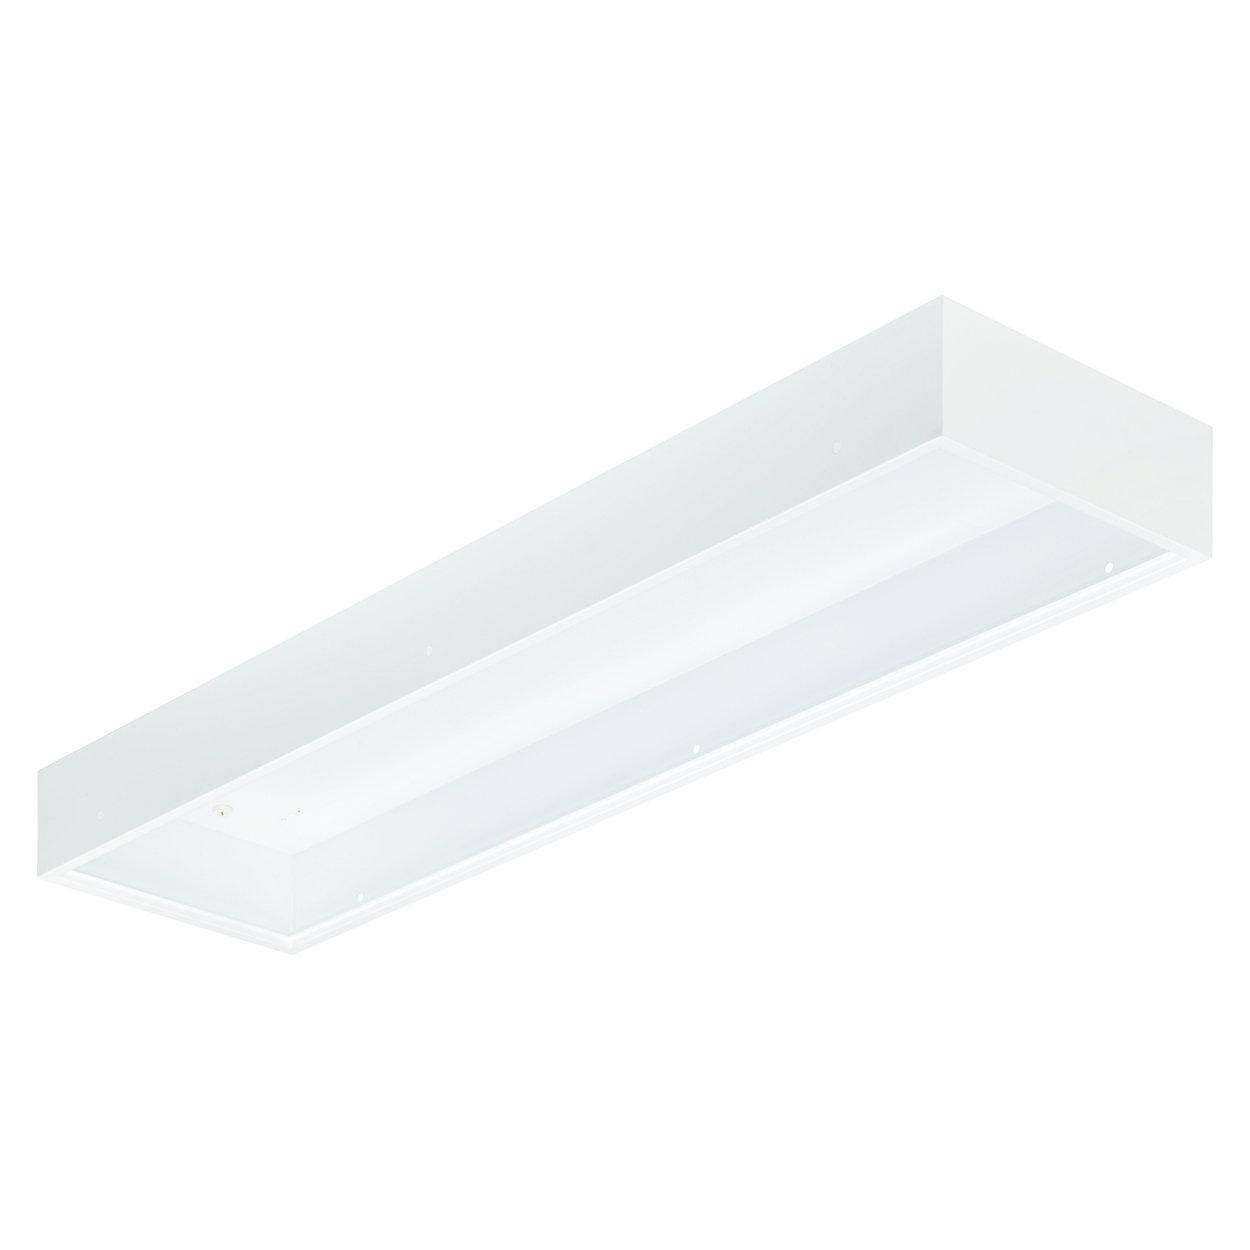 Cleanroom LED CR250B — rozwiązanie dla pomieszczeń czystych o jednorodnej powierzchni świecenia, ze świetną relacją ceny do możliwości